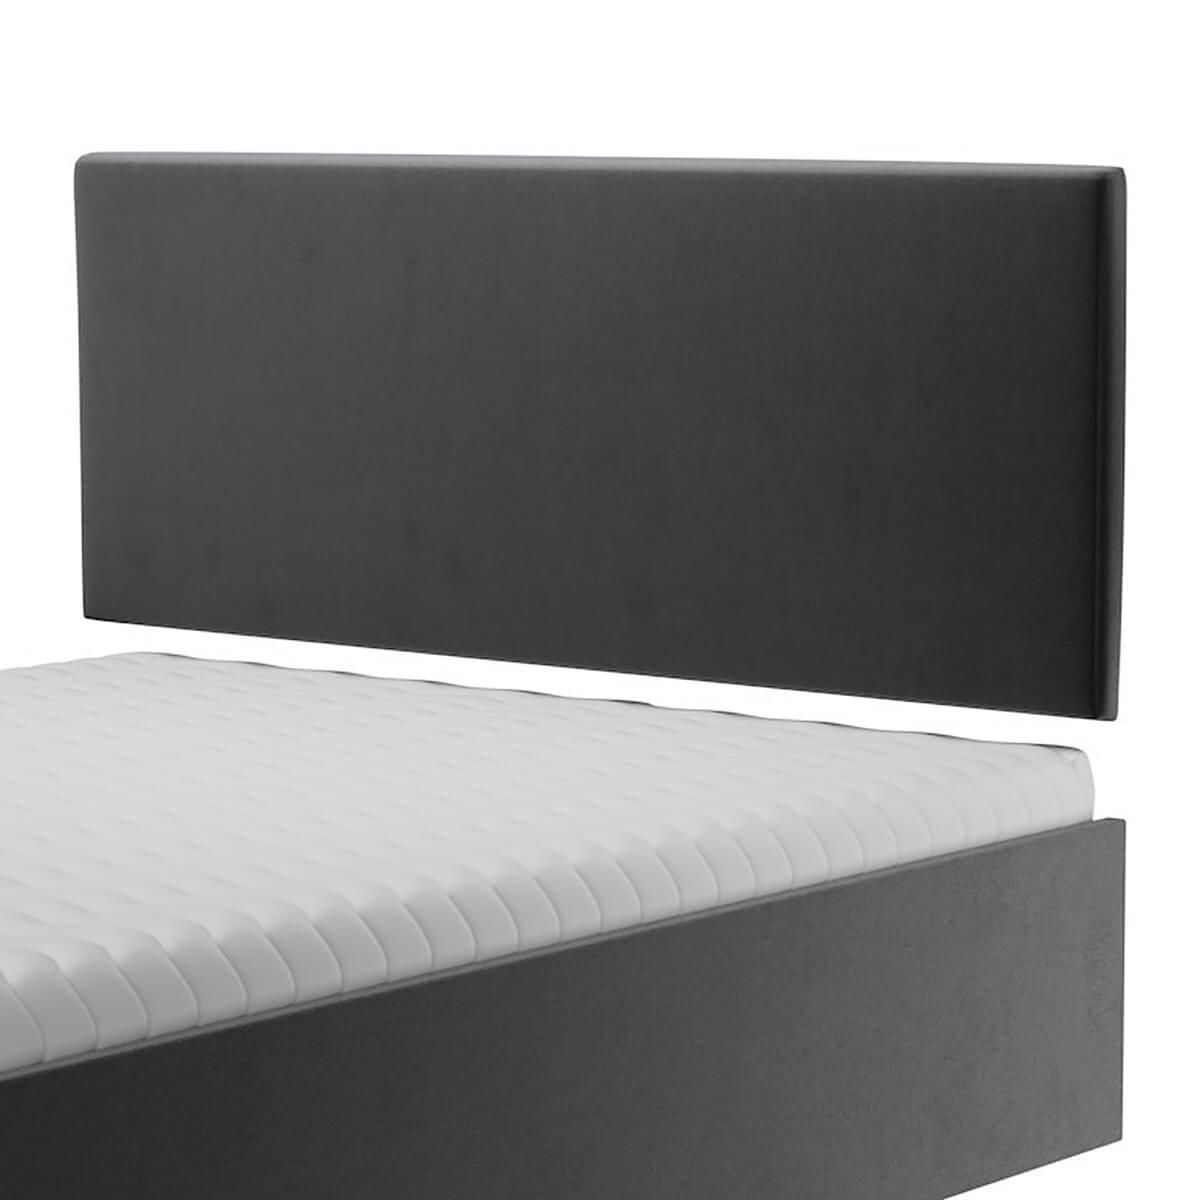 Нисък стенен панел за тапицирано легло, модел ZPN-006